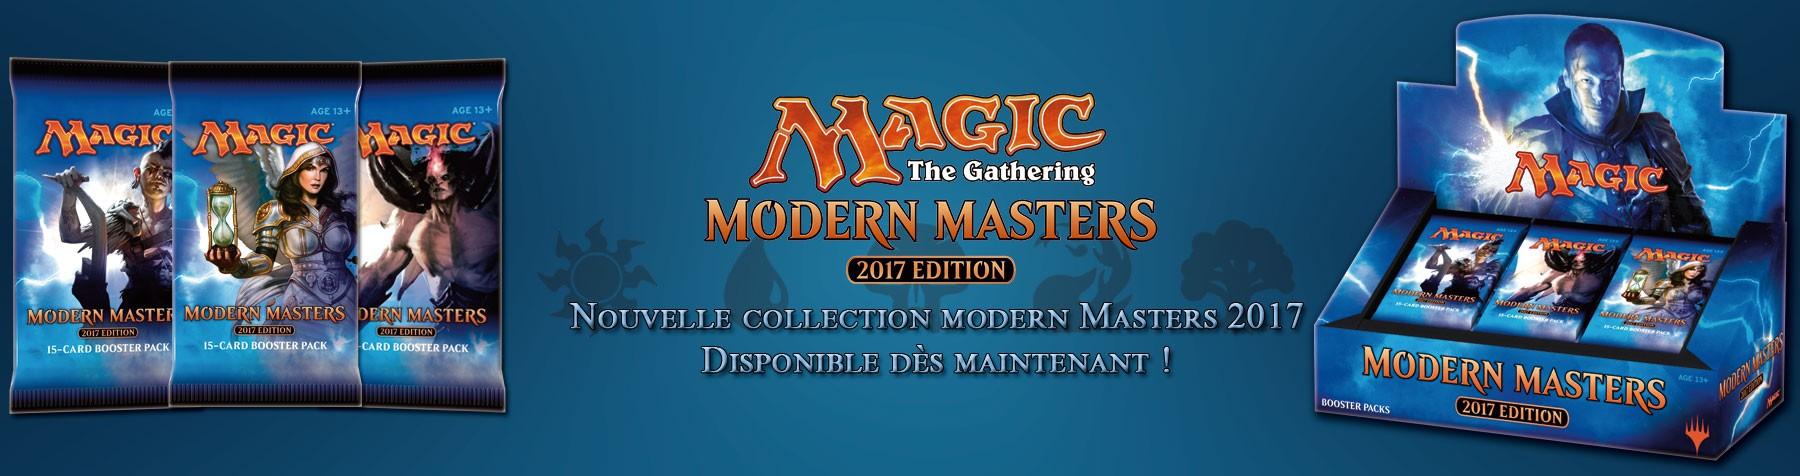 Sortie de la nouvelle collection Modern Masters 2017 de Magic The Gathering